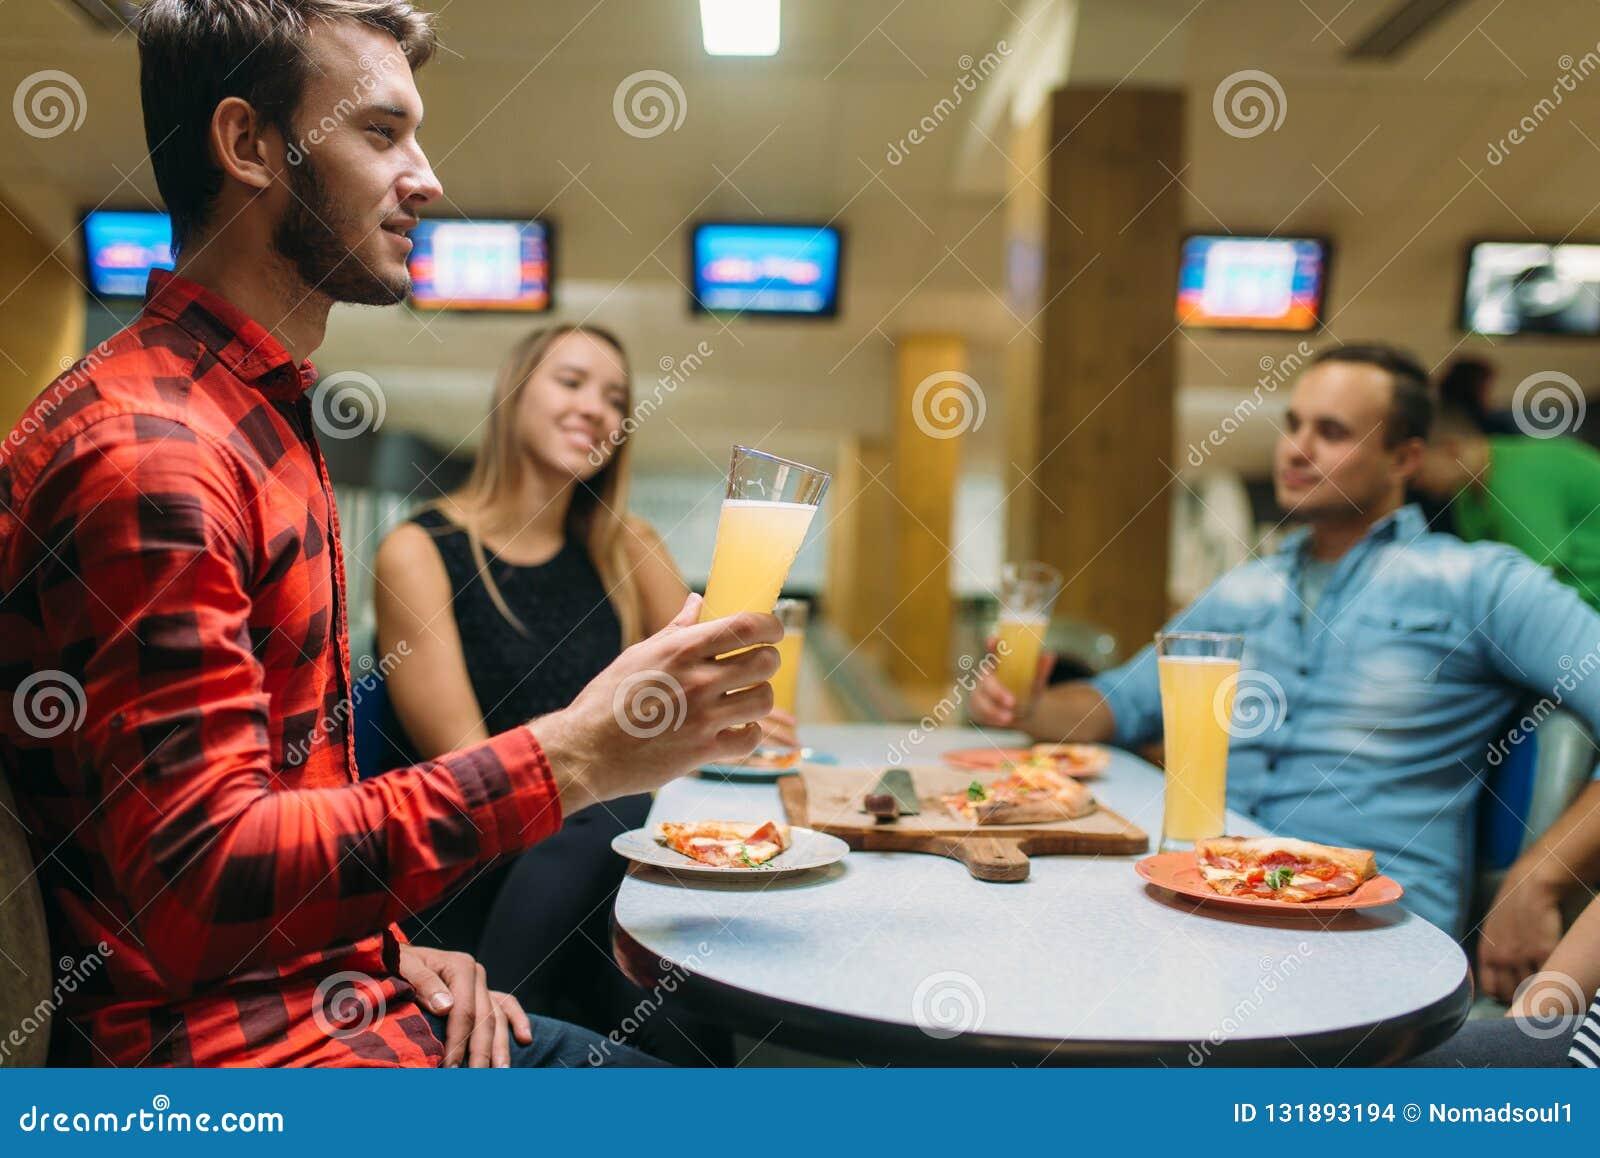 De vrienden drinkt en eet pizza in kegelenclub